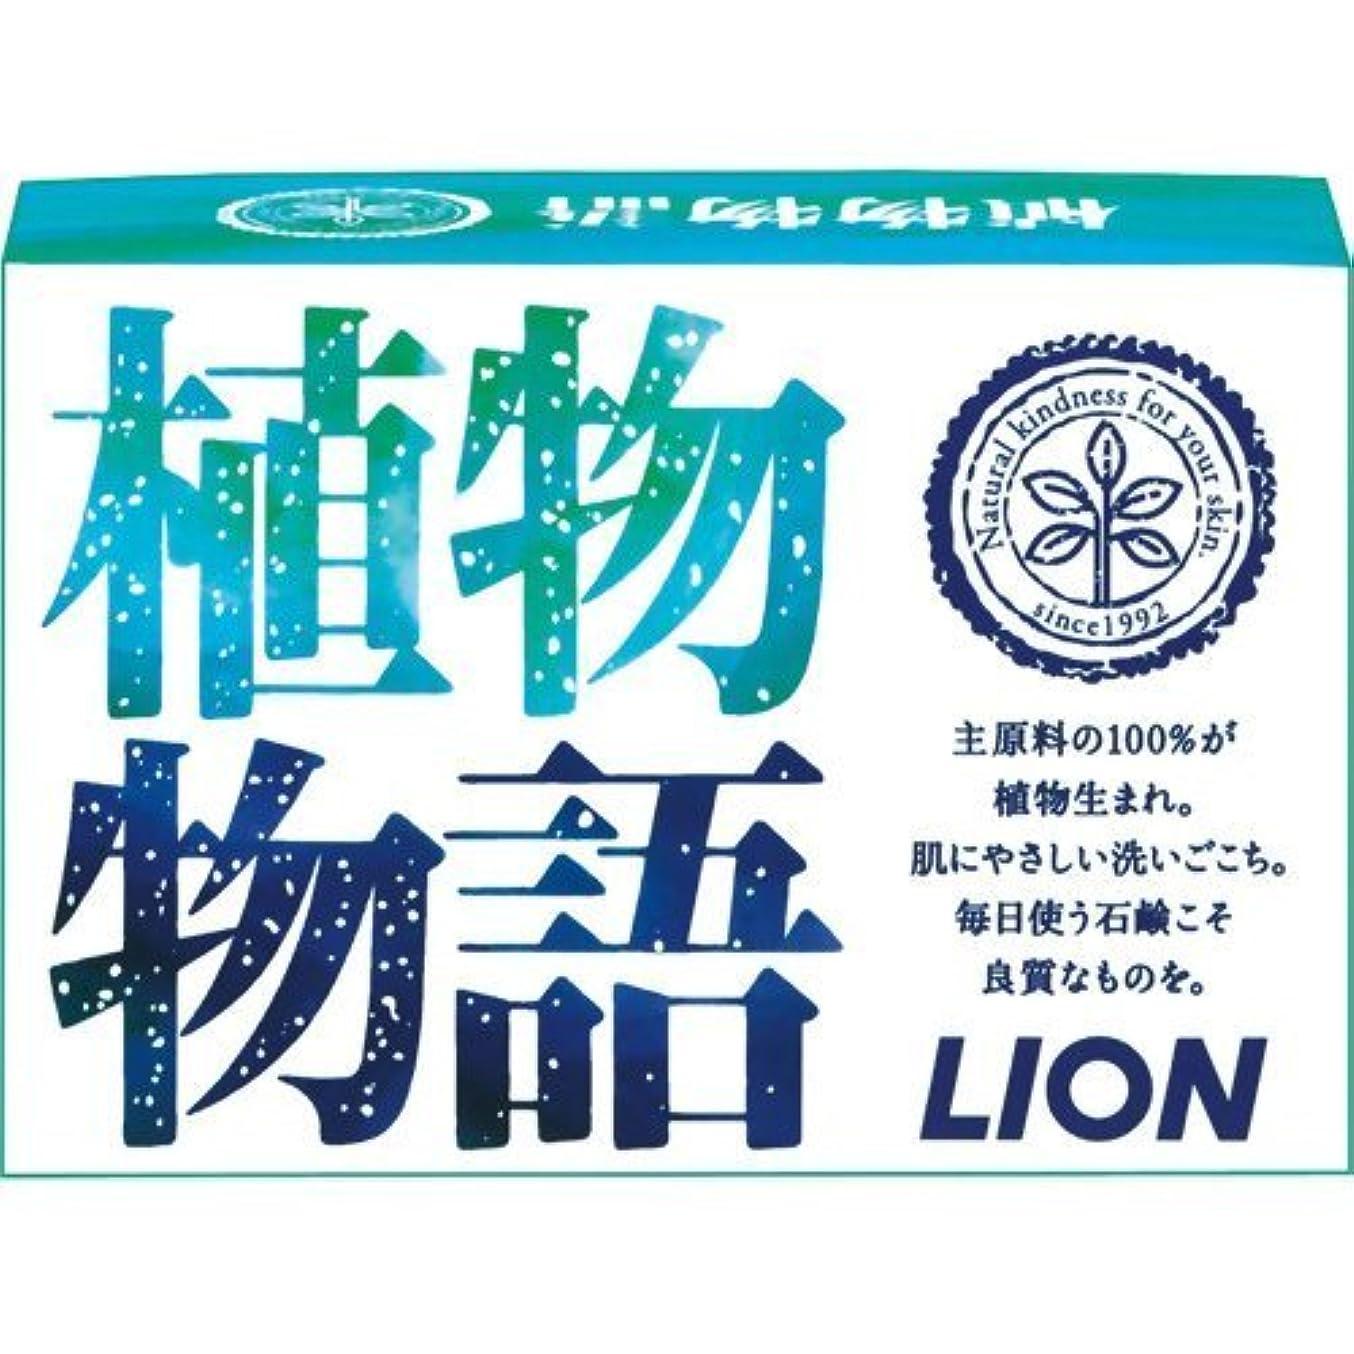 中にバーガー前兆ライオン 植物物語 化粧石鹸  1個